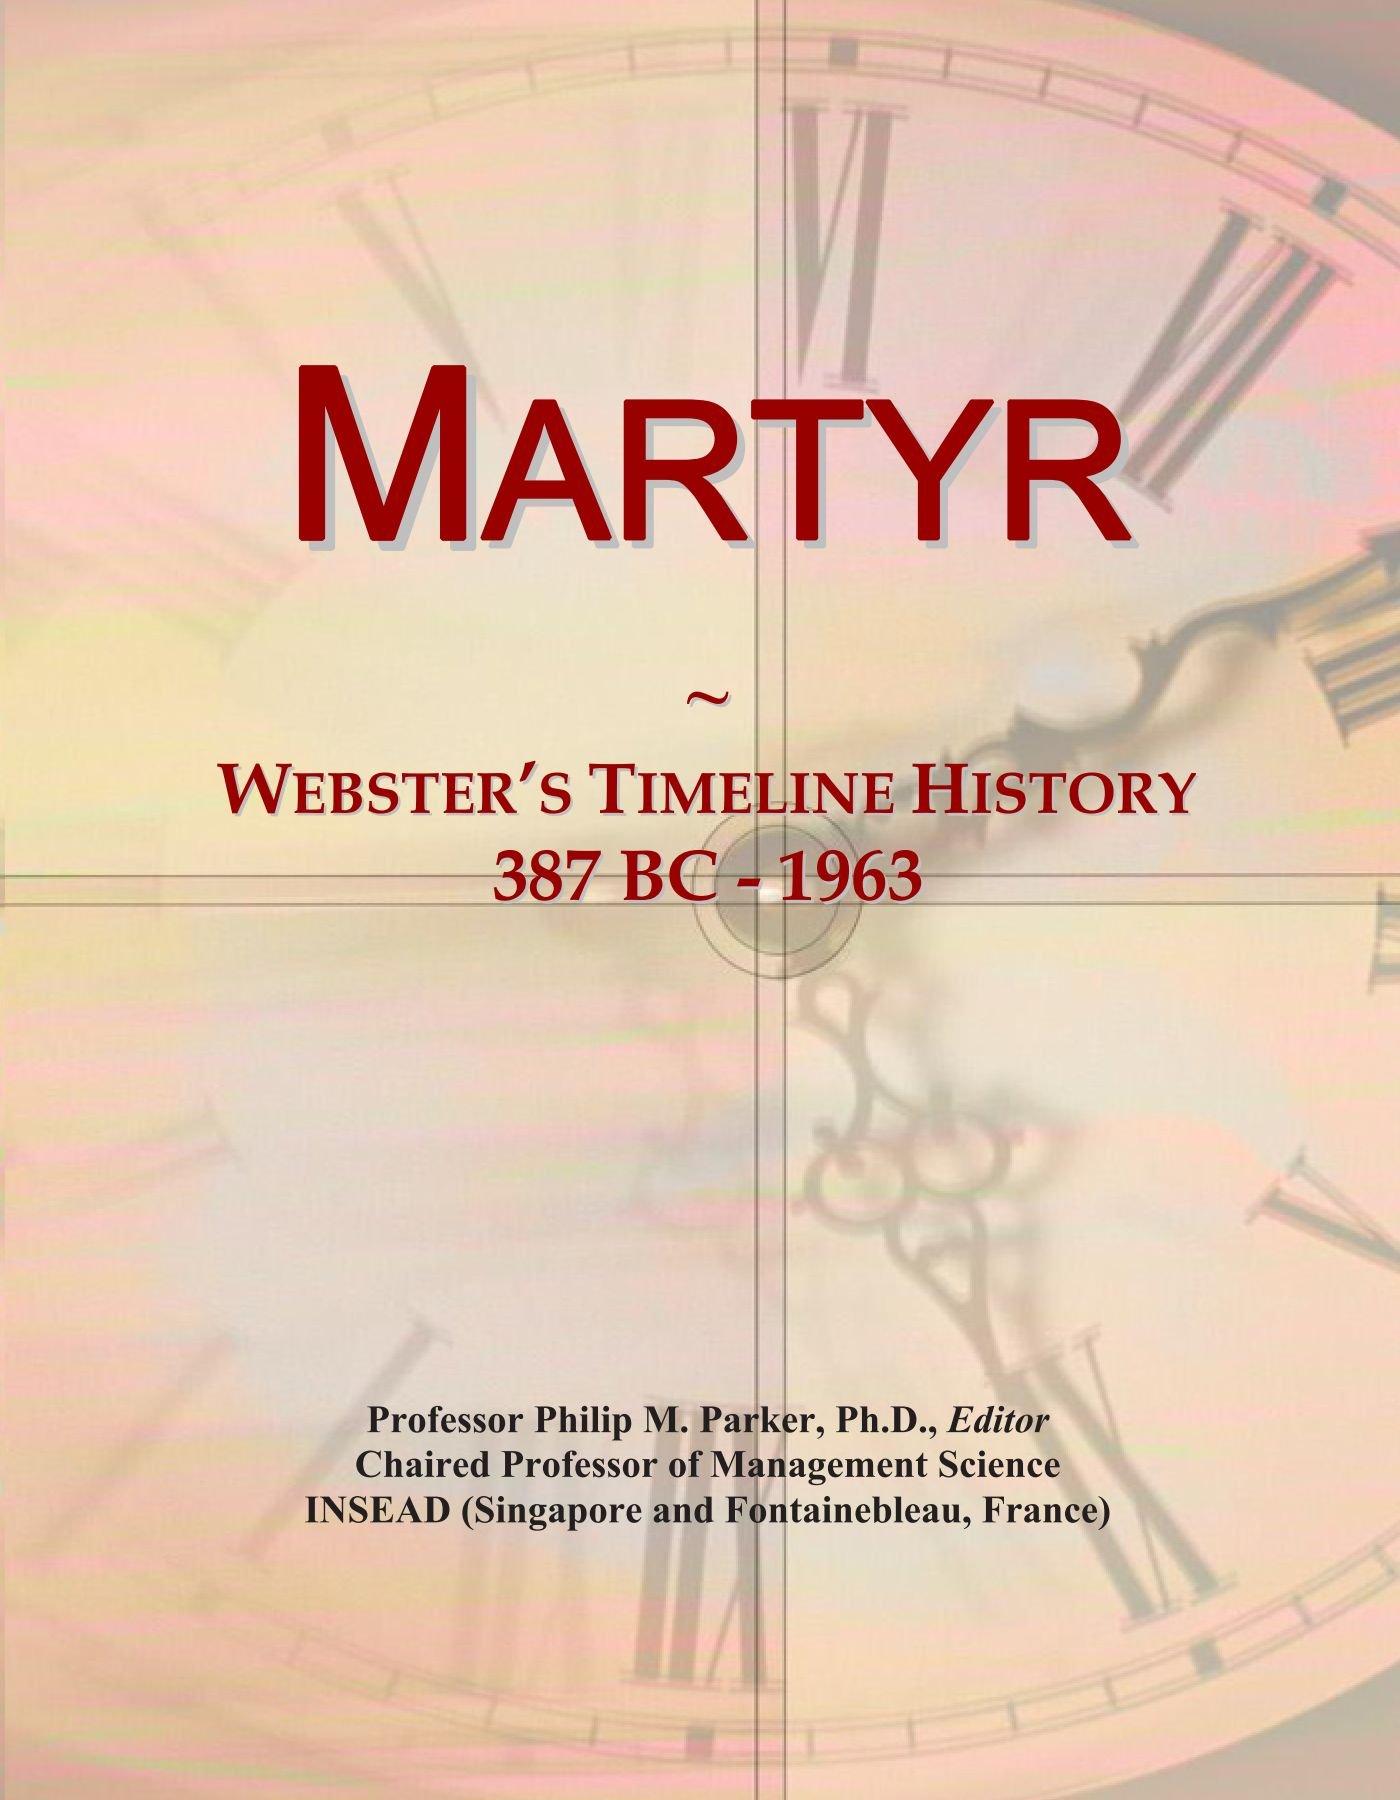 Martyr: Webster's Timeline History, 387 BC - 1963 PDF